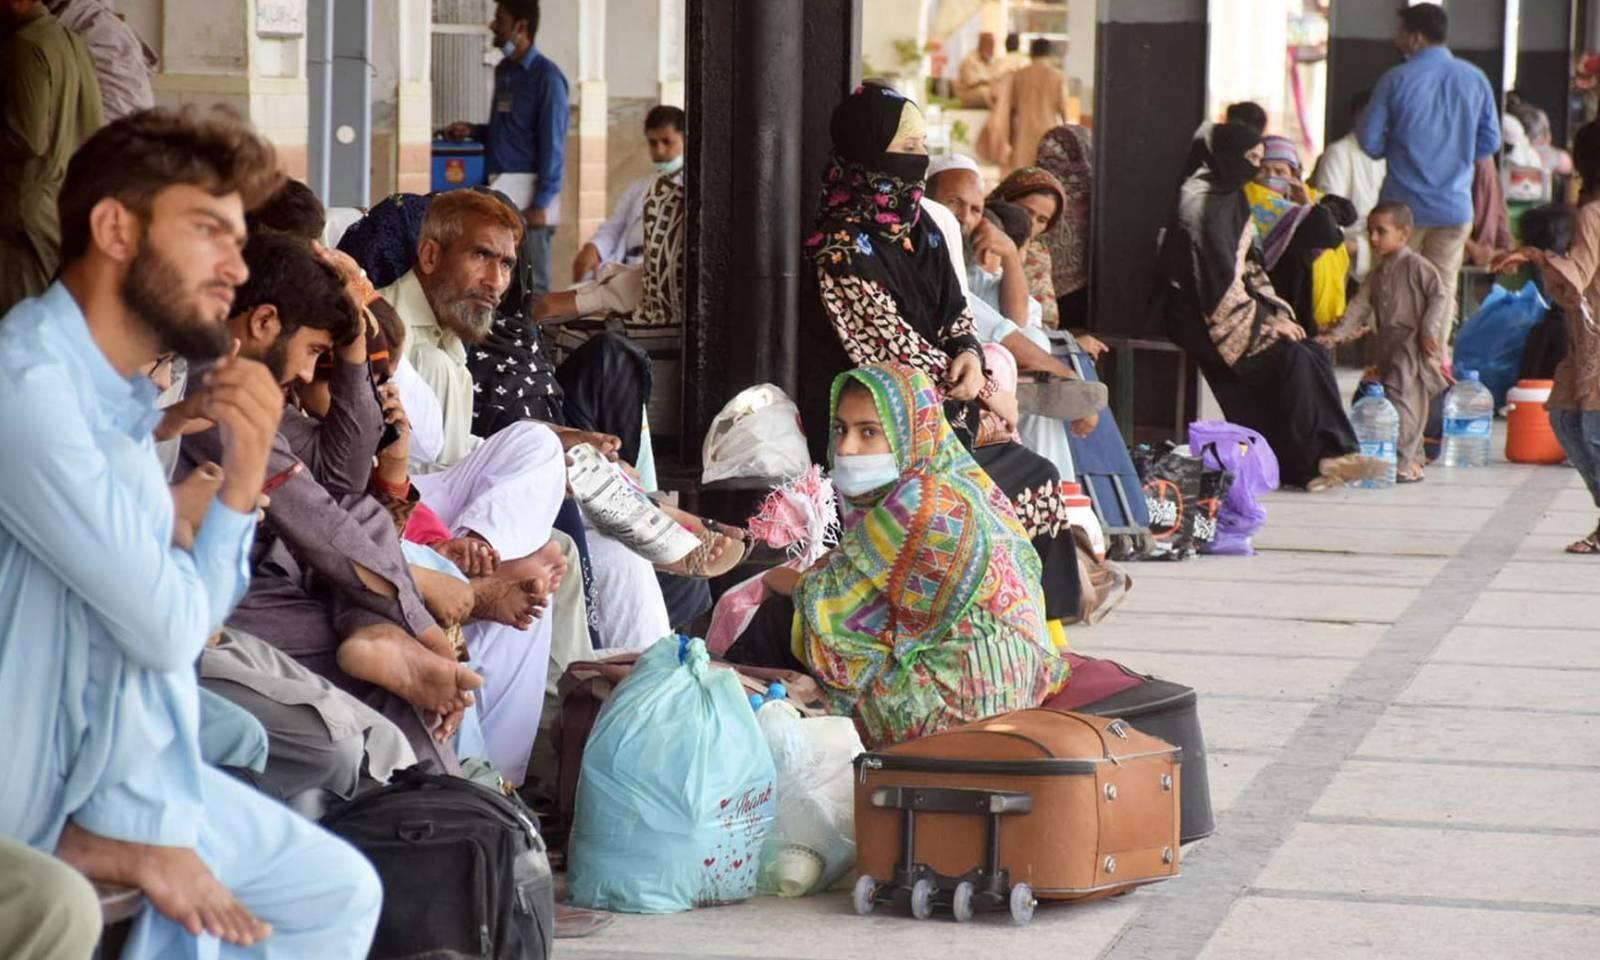 ڈہرکی میں پیش آنے والے حادثے کے بعد حیدرآباد ریلوے اسٹیشن پر مسافر،ٹرینوں کی آمد کے منتظر ہیں— فوٹو: عمیر علی